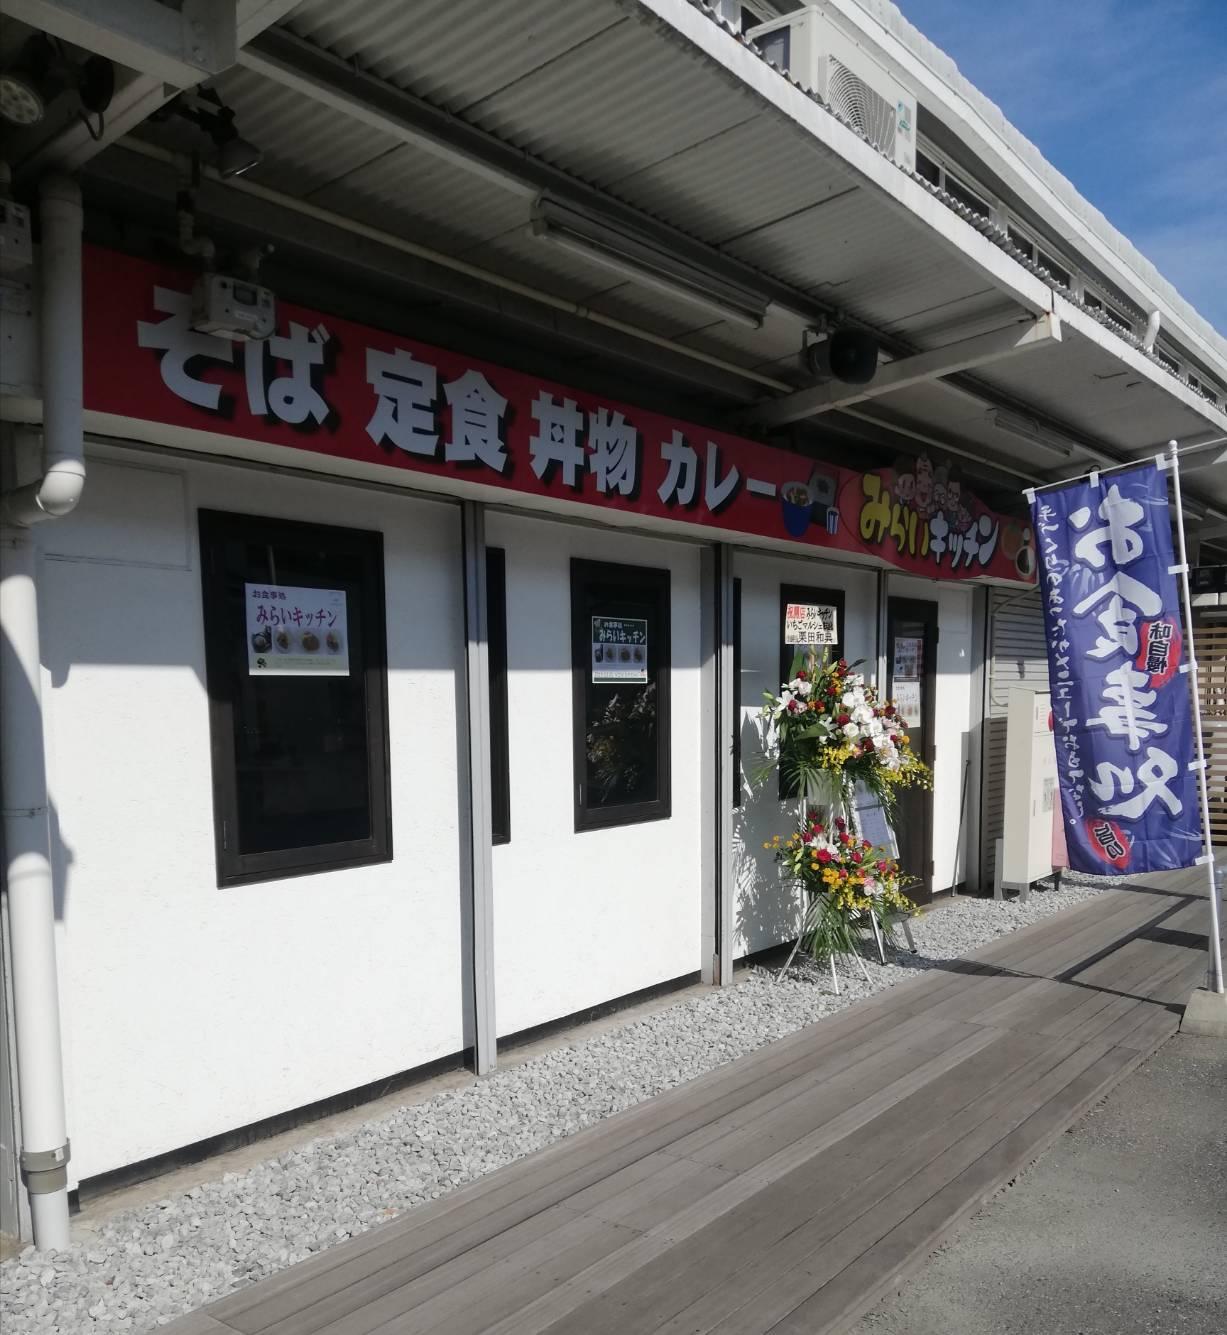 みらいキッチン松戸南部市場